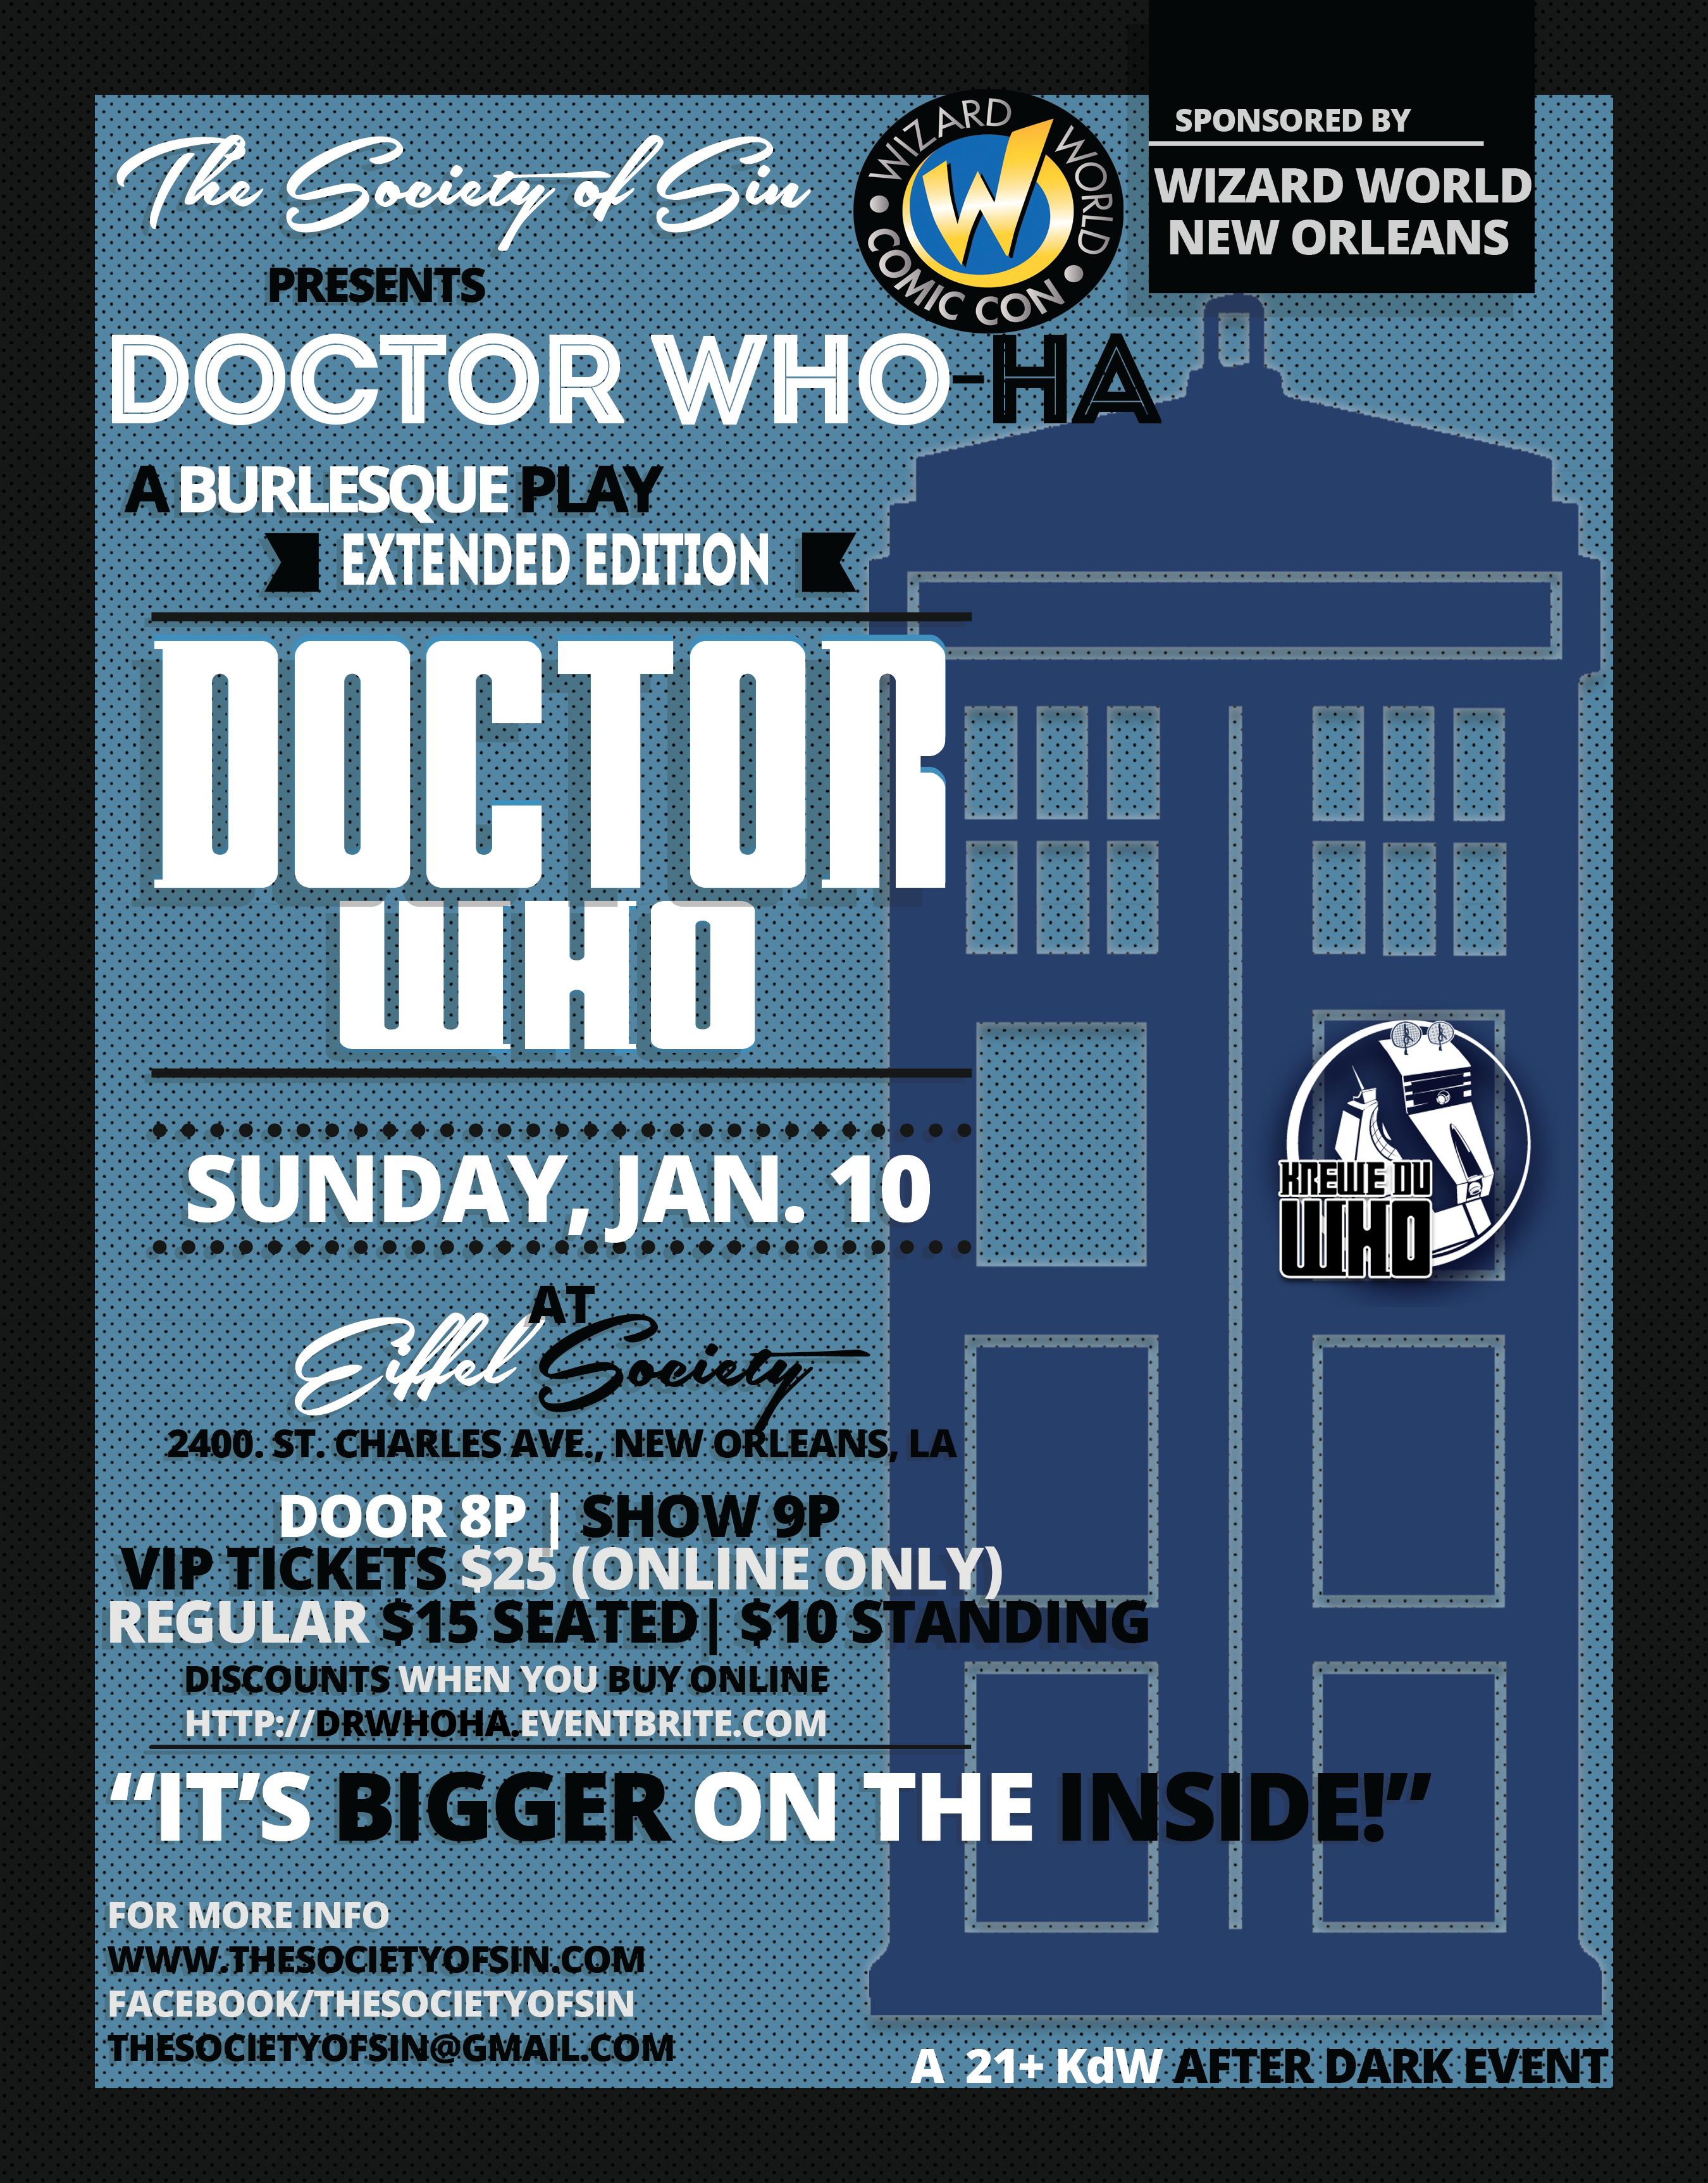 Doctor Who-Ha: A Burlesque Play